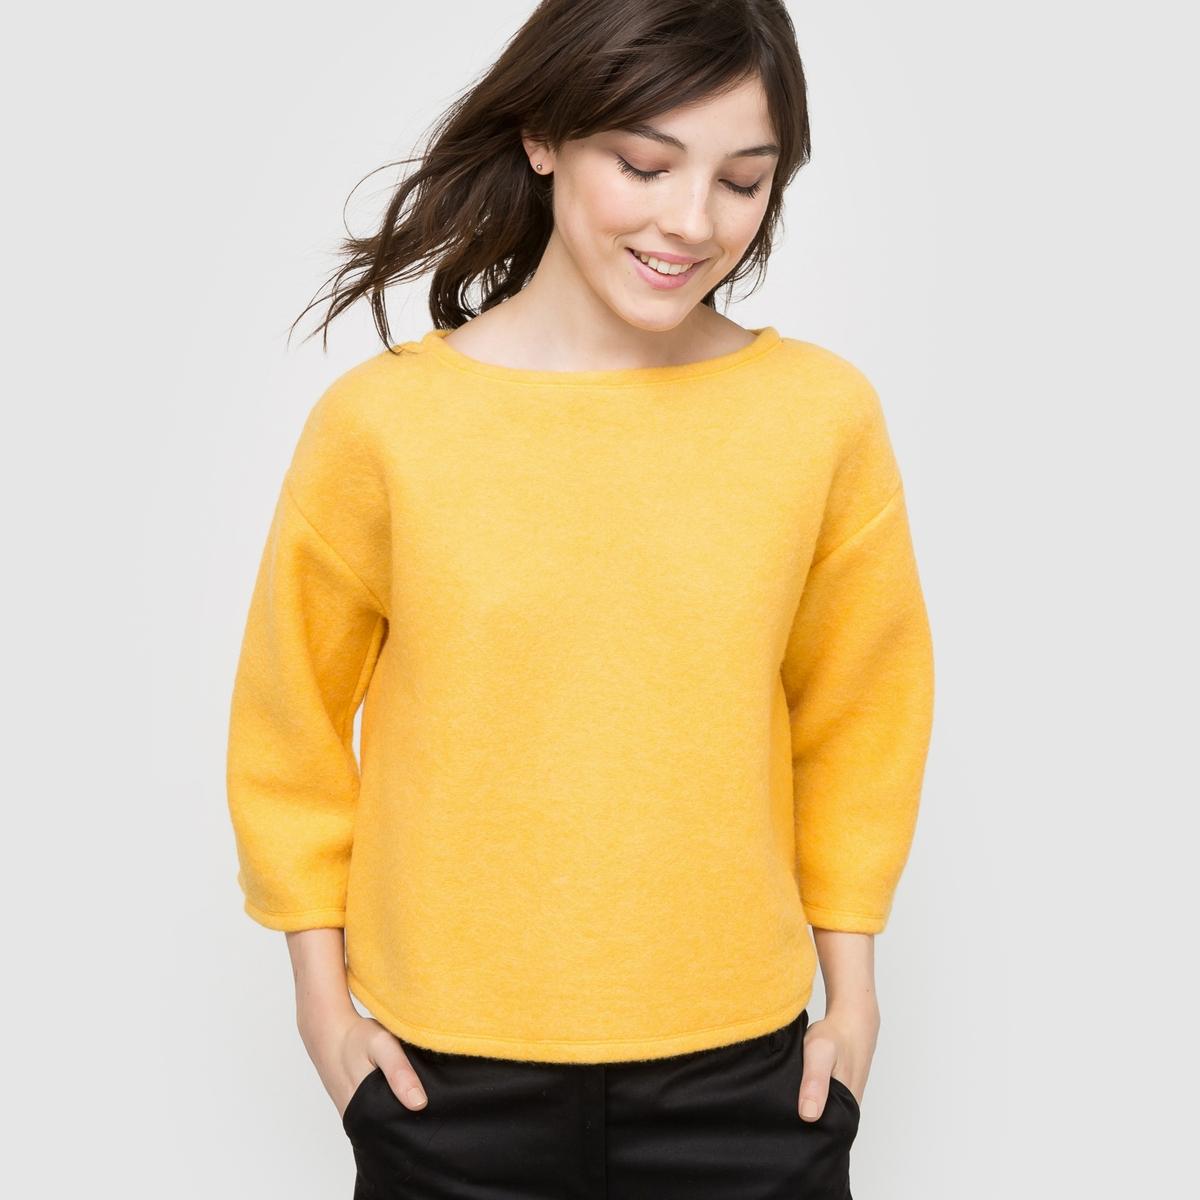 Пуловер укороченный с рукавами 3/4Состав и описаниеМатериал: 68% акрила, 17% полиамида, 15% полиэстера.Длина: 56 см.Марка: R edition.УходМашинная стирка при 30°C с вещами подобных цветов.Не гладить.<br><br>Цвет: желтый шафран,черный